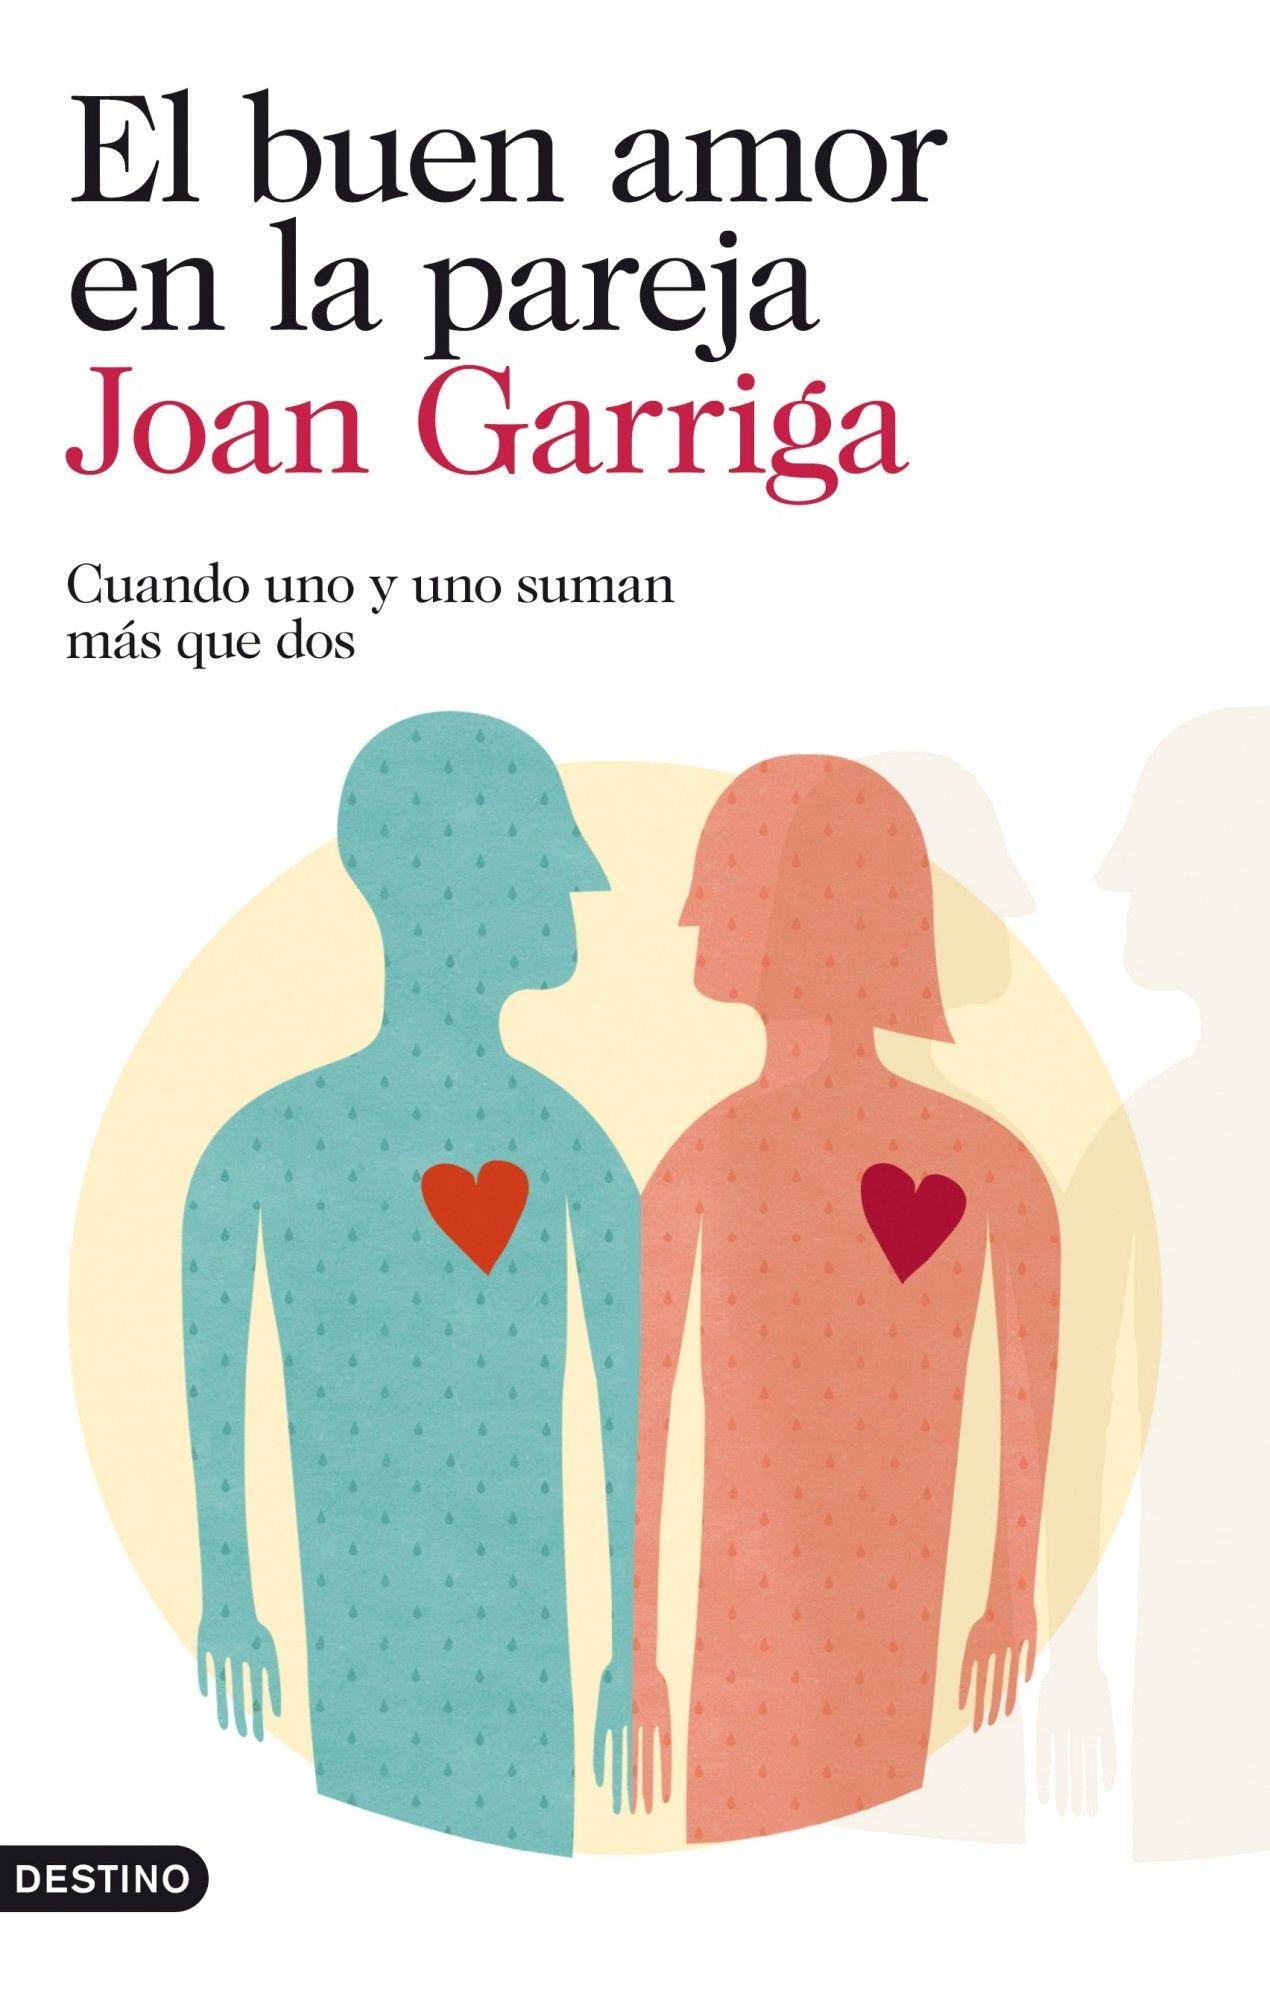 El buen amor en la pareja joan garriga 9788423346257